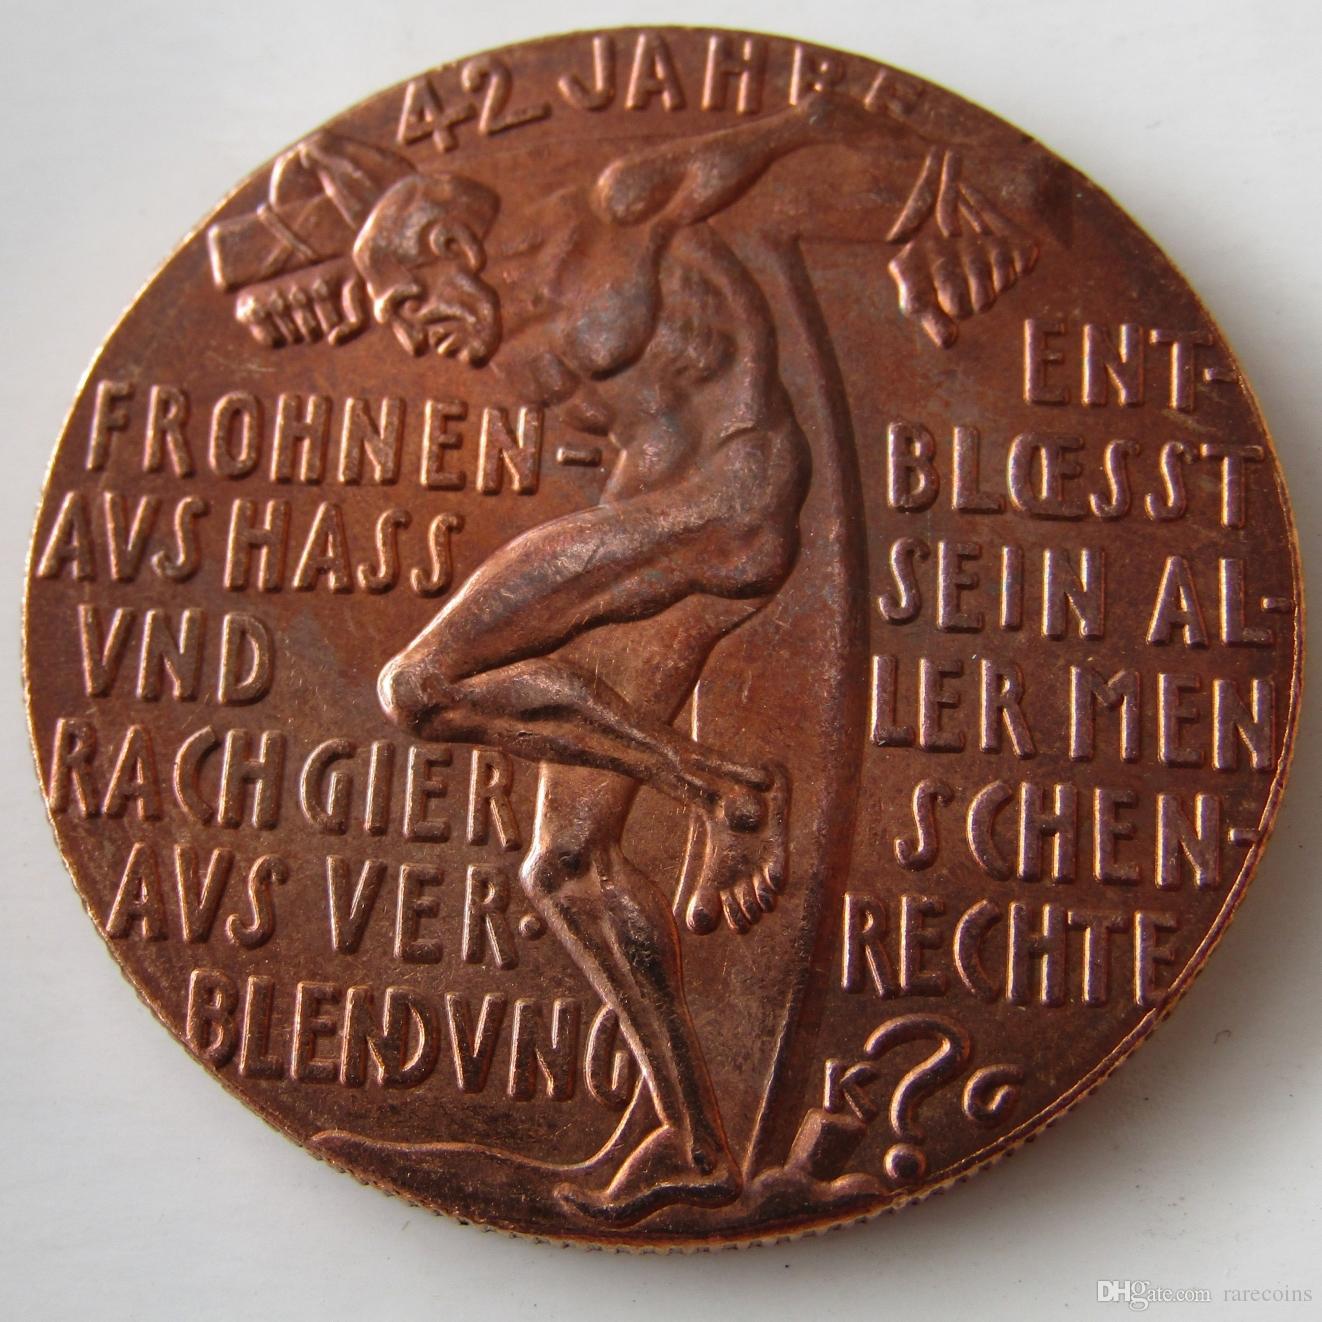 ALEMANIA 1927, The Paris Dictat 100% Copper Copie Coins